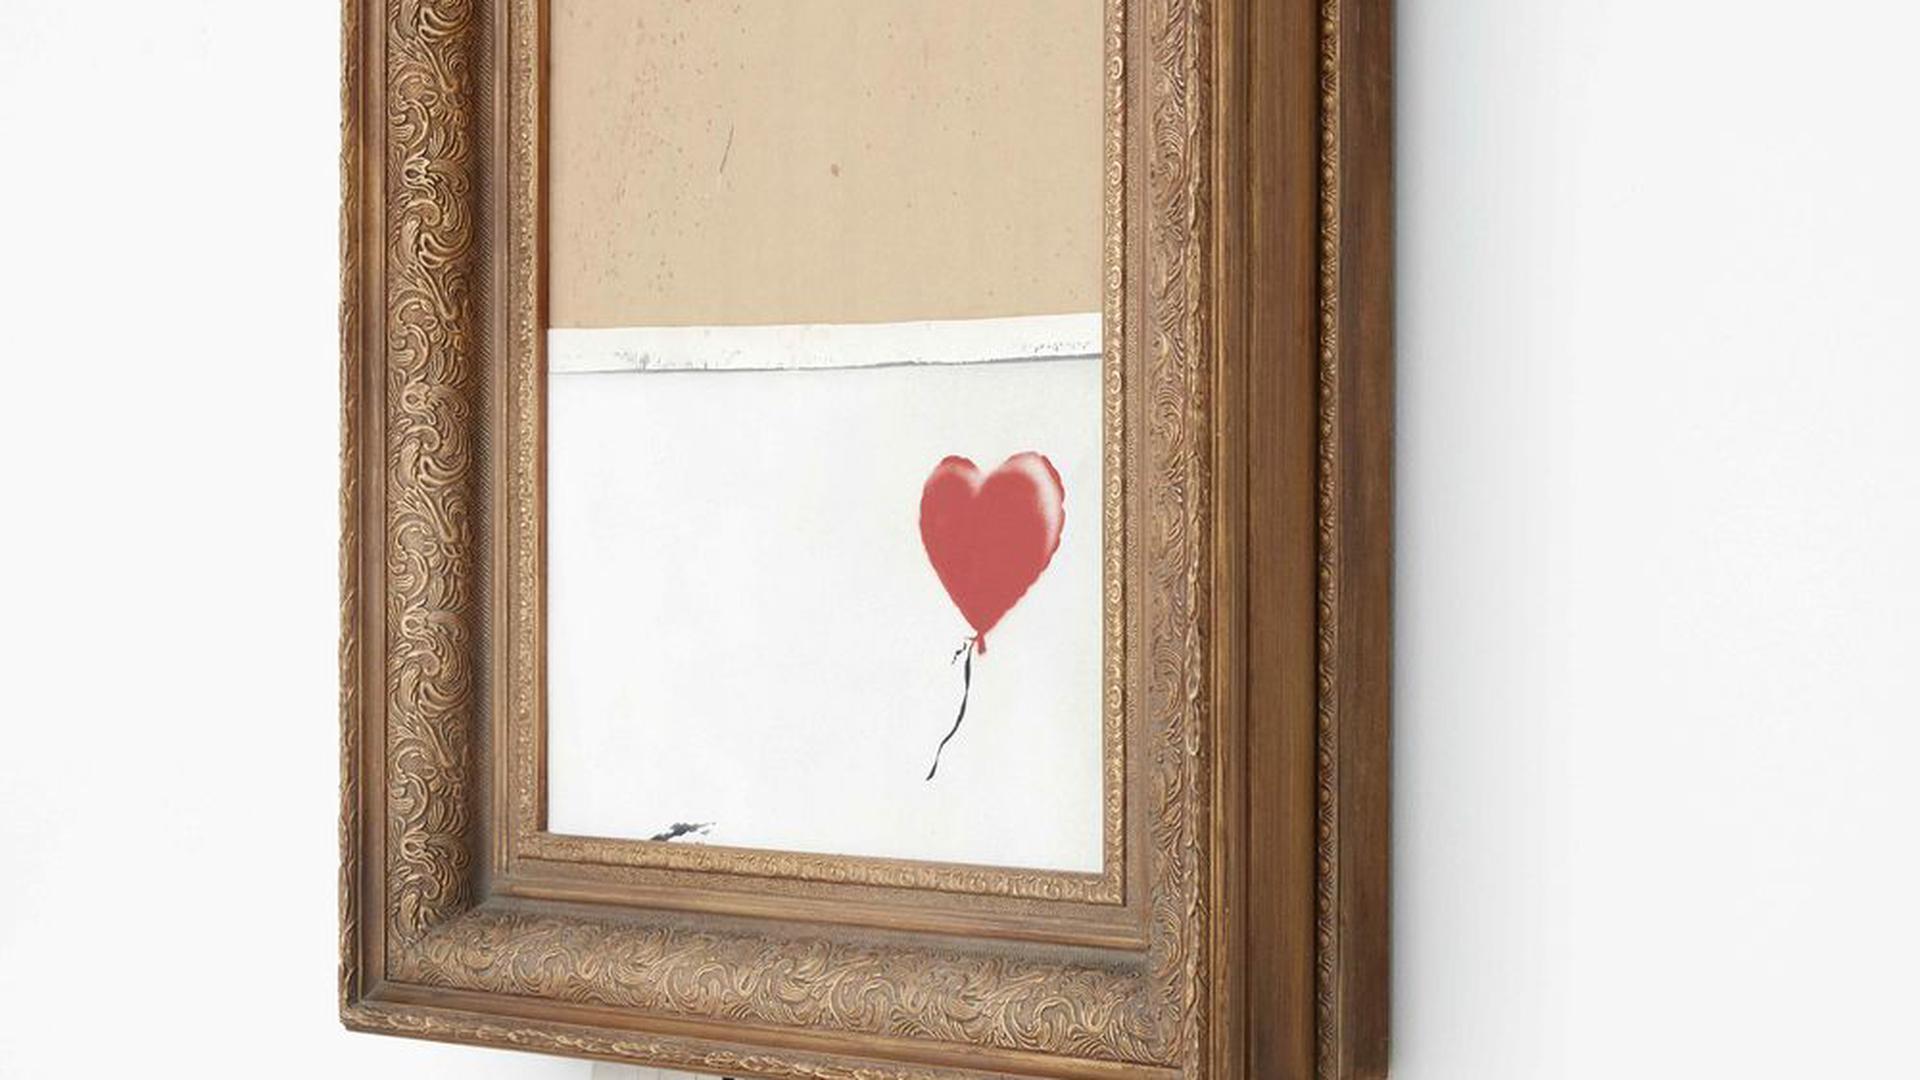 Banksy: Love is in the Bin, 2018, Sprayfarbe und Acryl auf Leinwand, 142 x 78 x 18 cm, Privatsammlung.